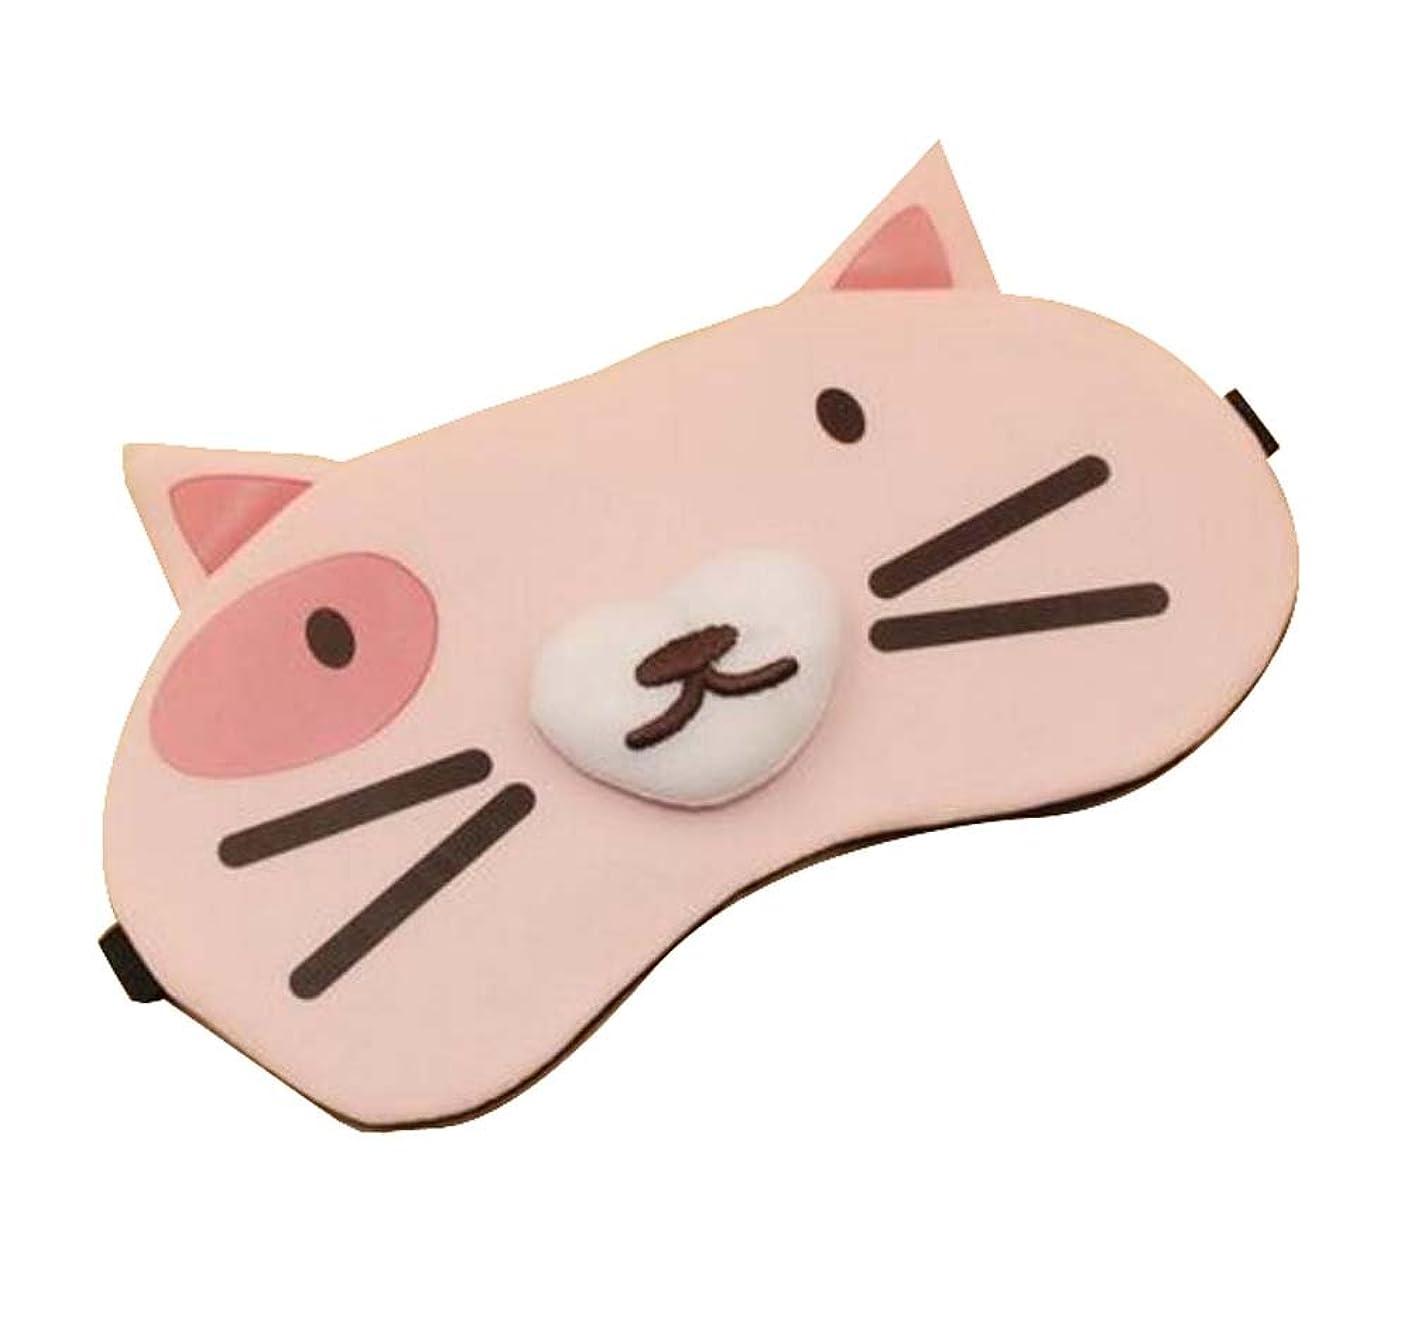 母創始者剥ぎ取るクリエイティブな漫画の形のアイマスクパーソナライズドアイシェイド、ピンクの猫